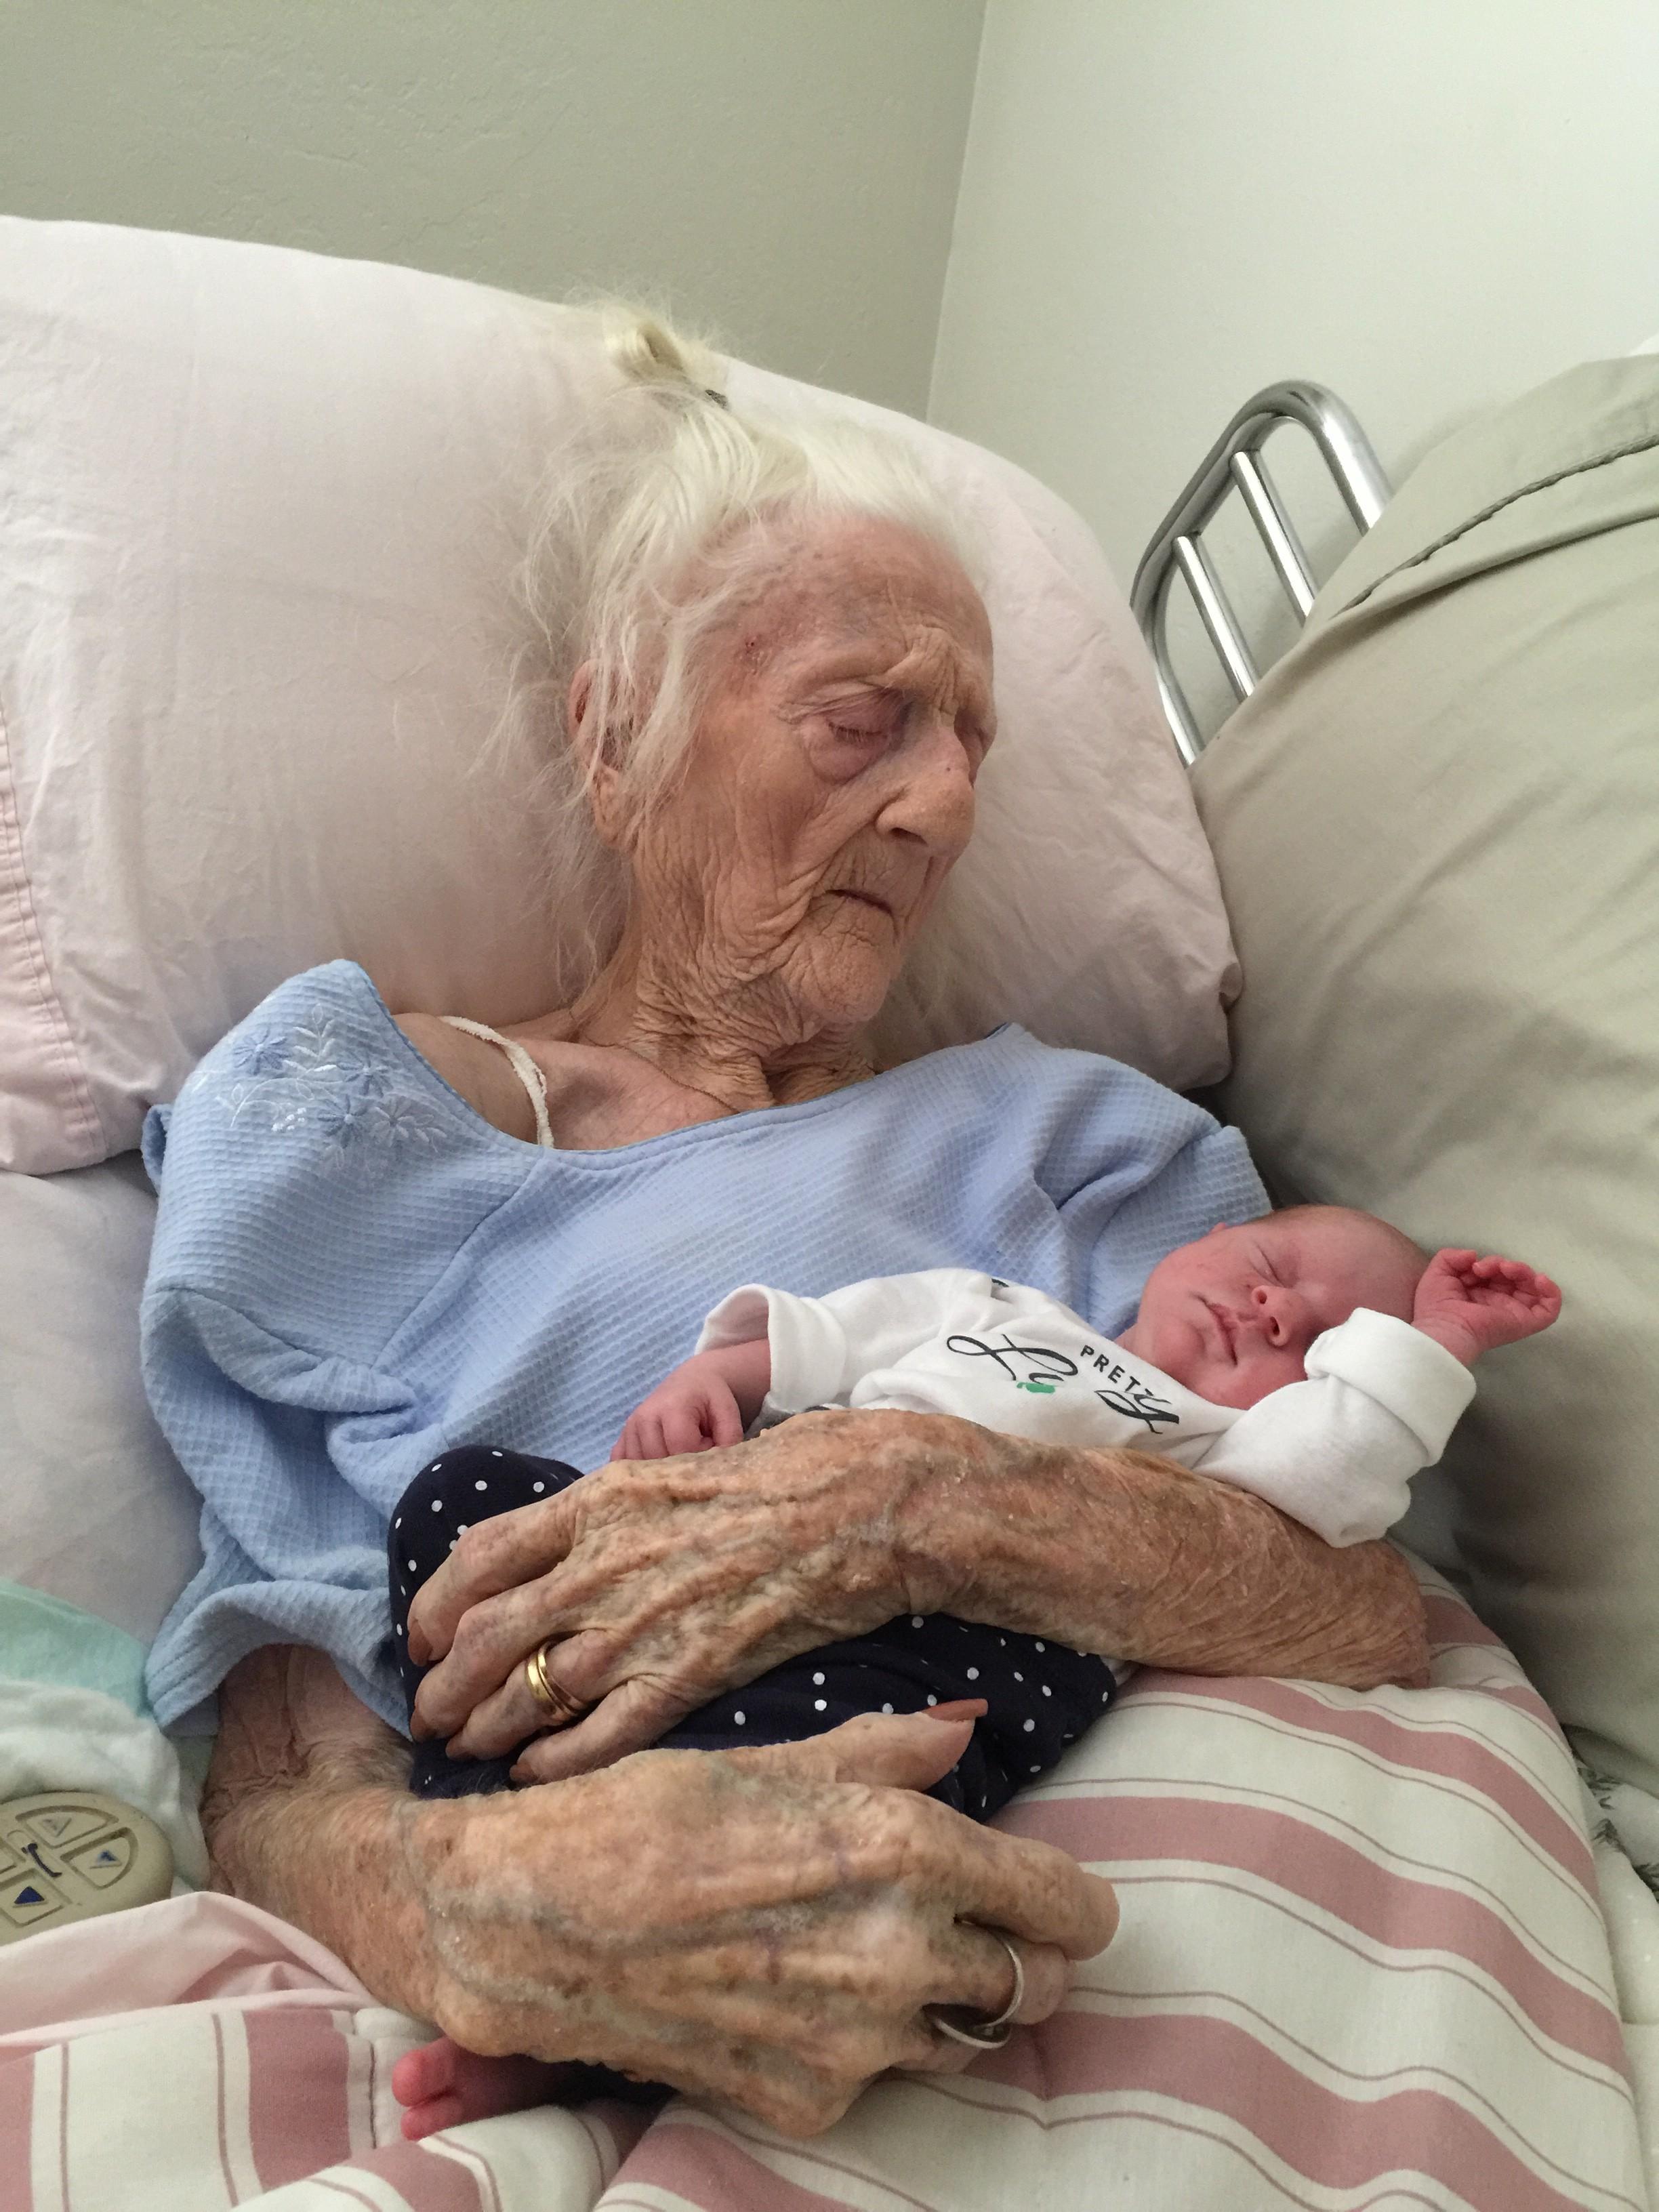 Rosa Camfield, norte-americana que morava em Chandler, Arizona, comoveu os internautas ao protagonizar a foto, em que aparece abraçada com a criança, uma menininha batizada de Kaylee (Foto: Sarah Hamm/AP)